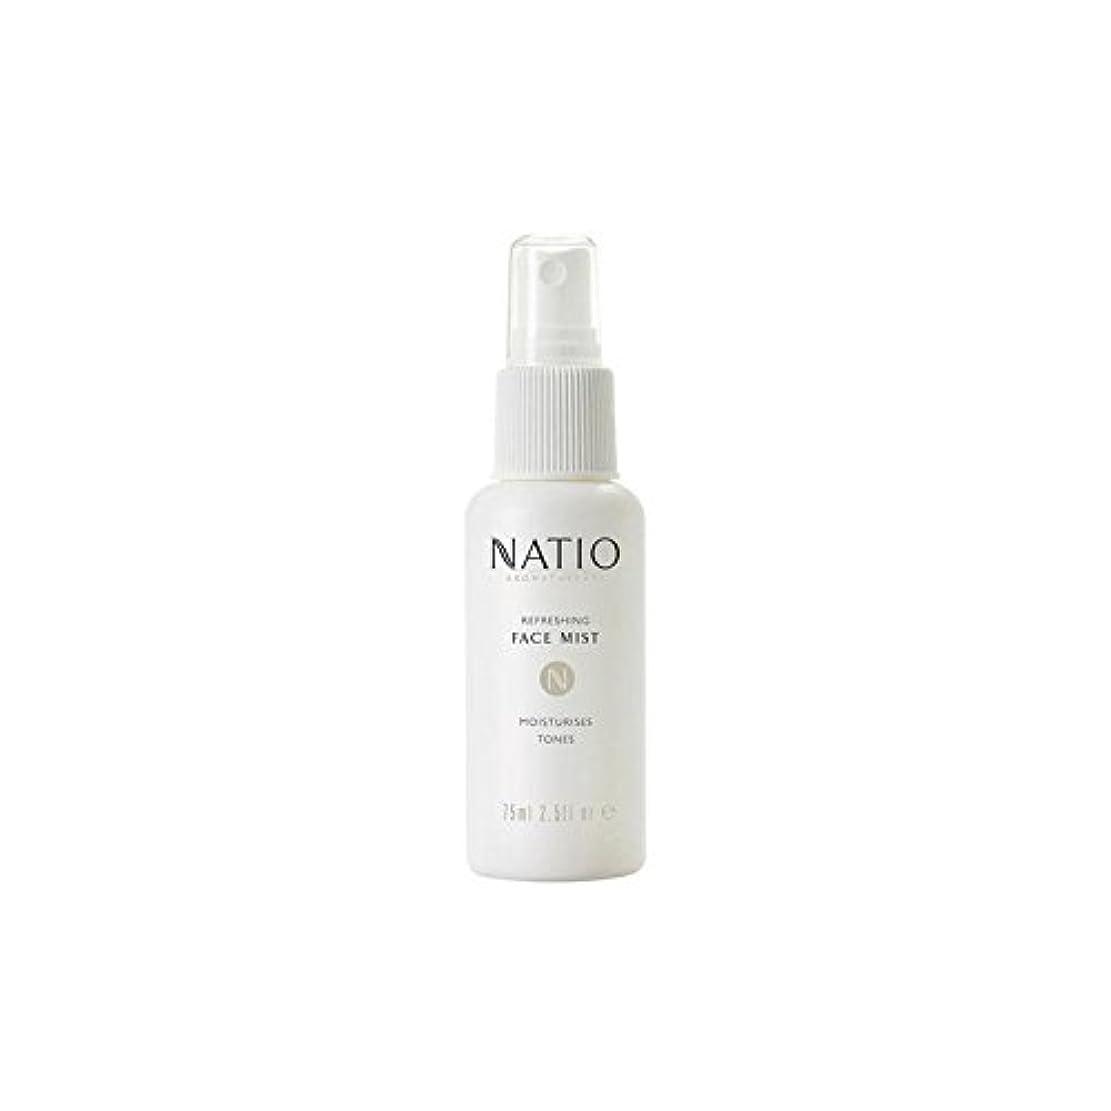 さわやかな顔ミスト(75ミリリットル) x2 - Natio Refreshing Face Mist (75ml) (Pack of 2) [並行輸入品]